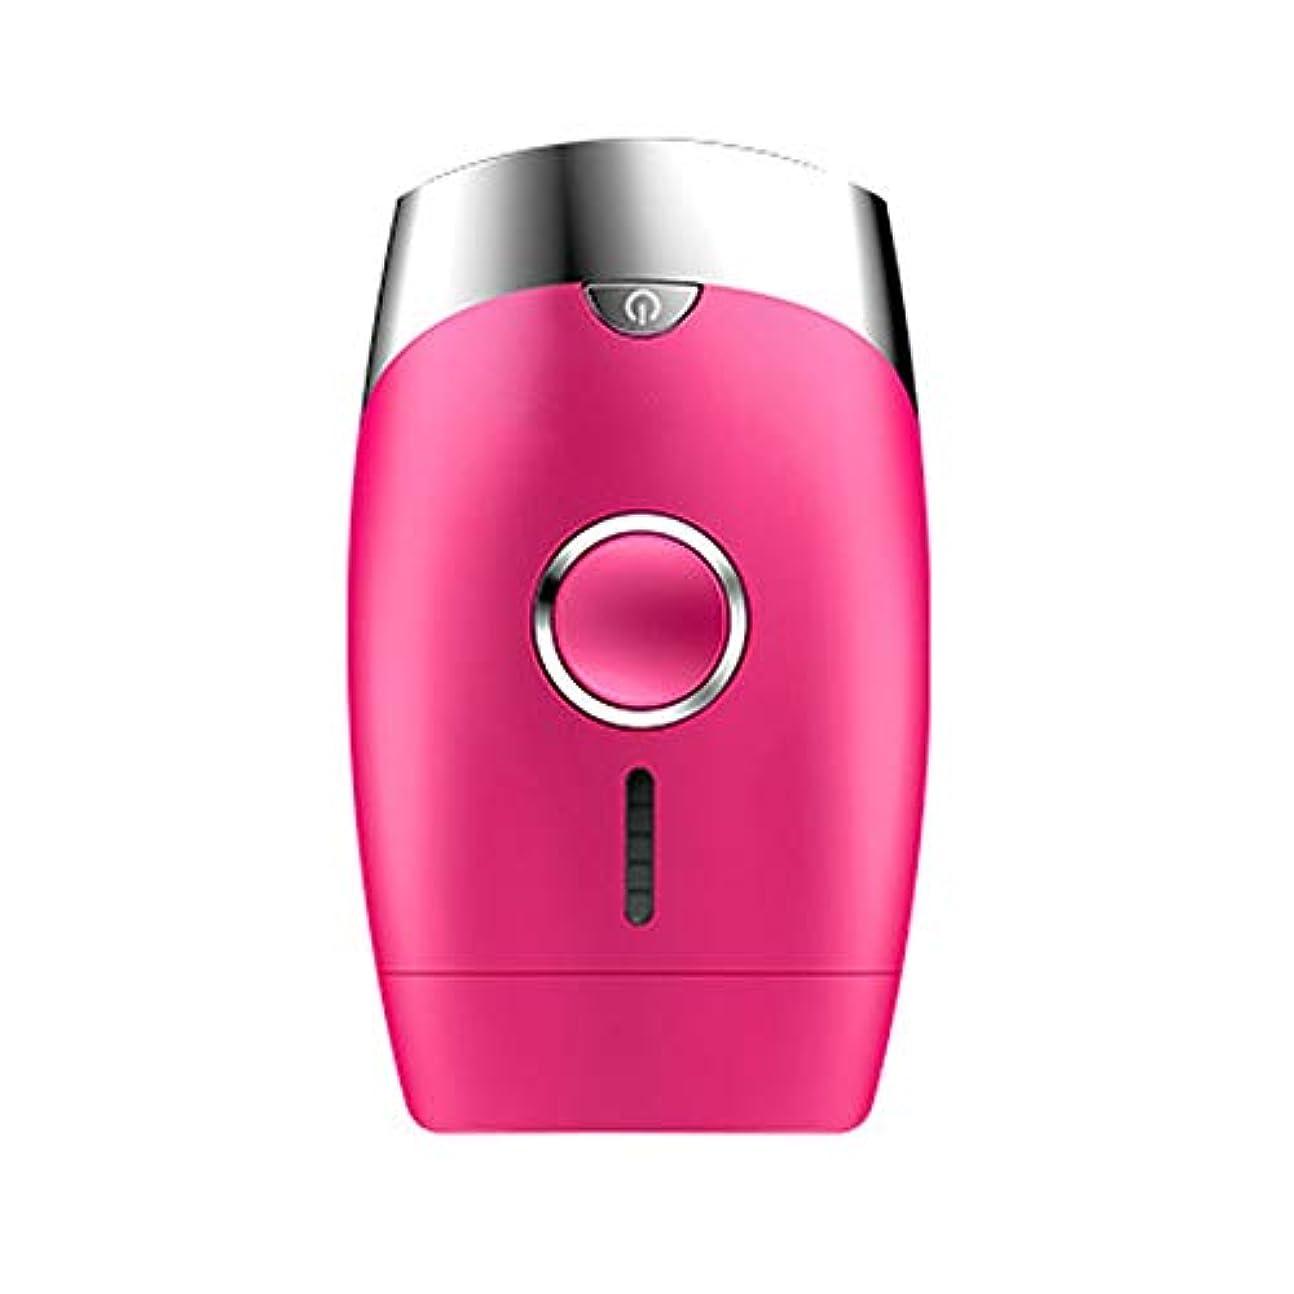 休憩するまっすぐフェザーピンク、5スピード調整、インテリジェント家庭用痛みのない凝固点ヘアリムーバー、シングルフラッシュ/連続フラッシュ、サイズ13.9 X 8.3 X 4.8 Cm 快適な脱毛 (Color : Pink)